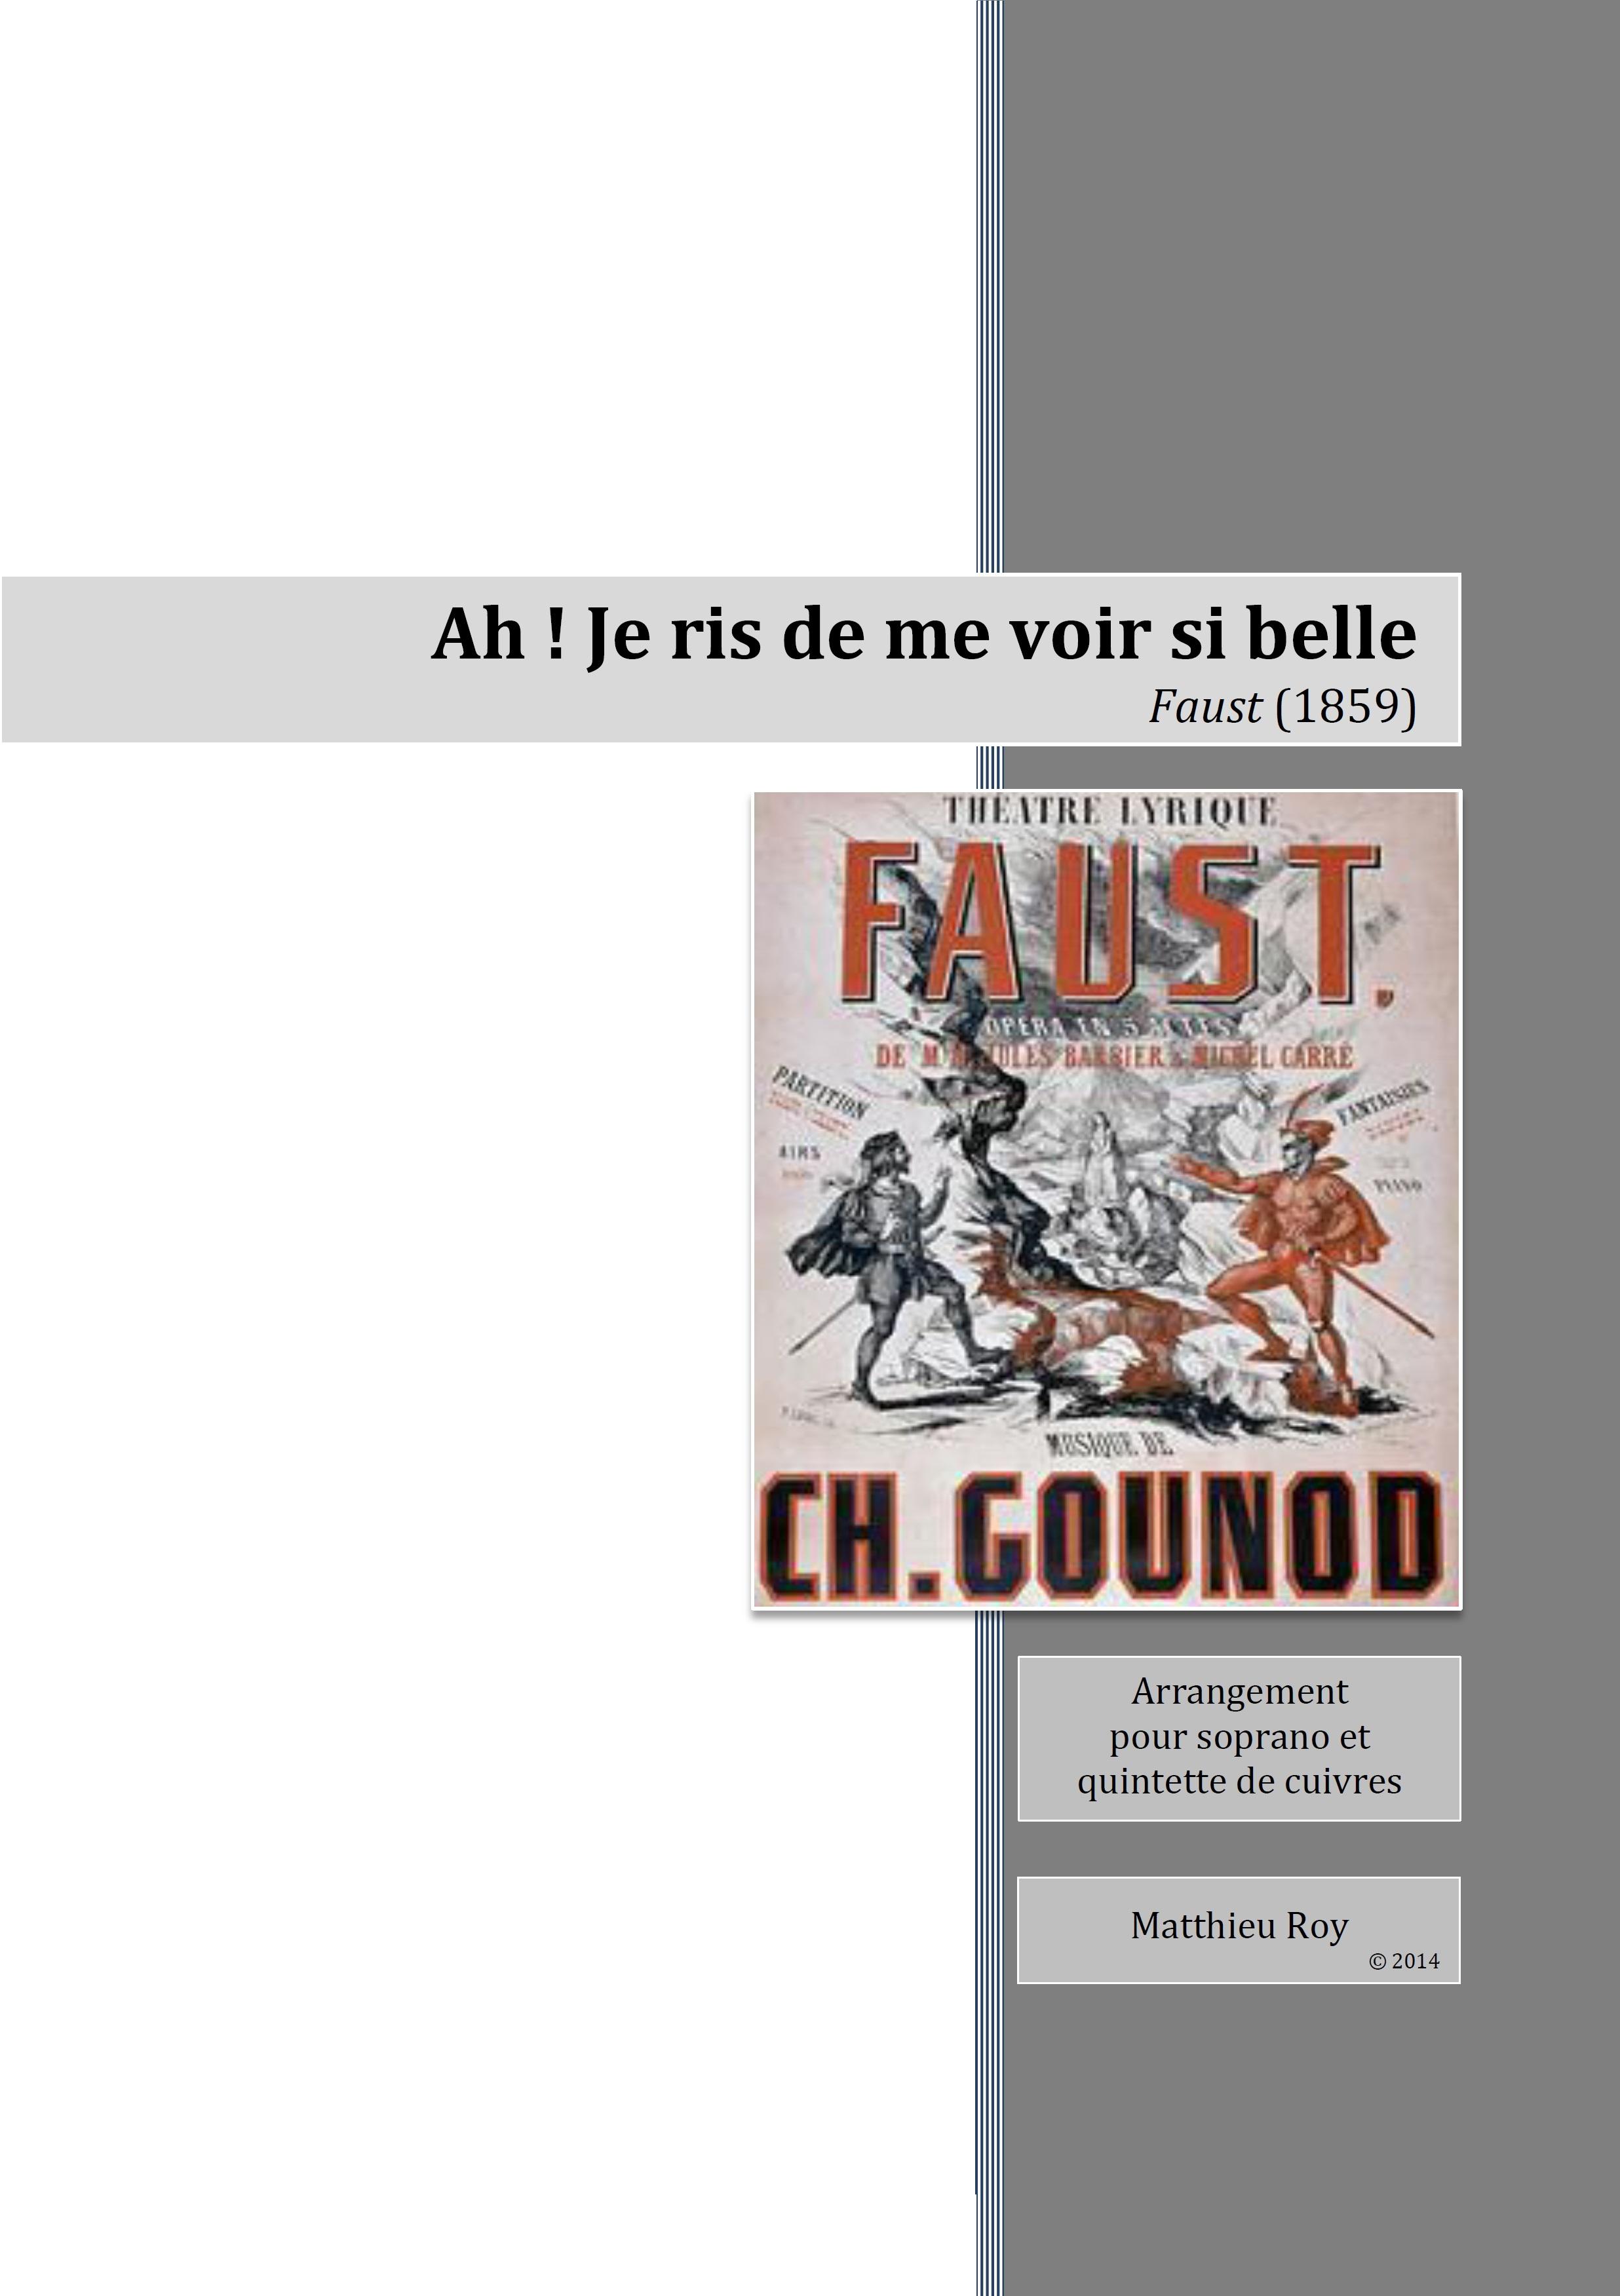 SCORE 2014 Gounod, Faust, Air des bijoux